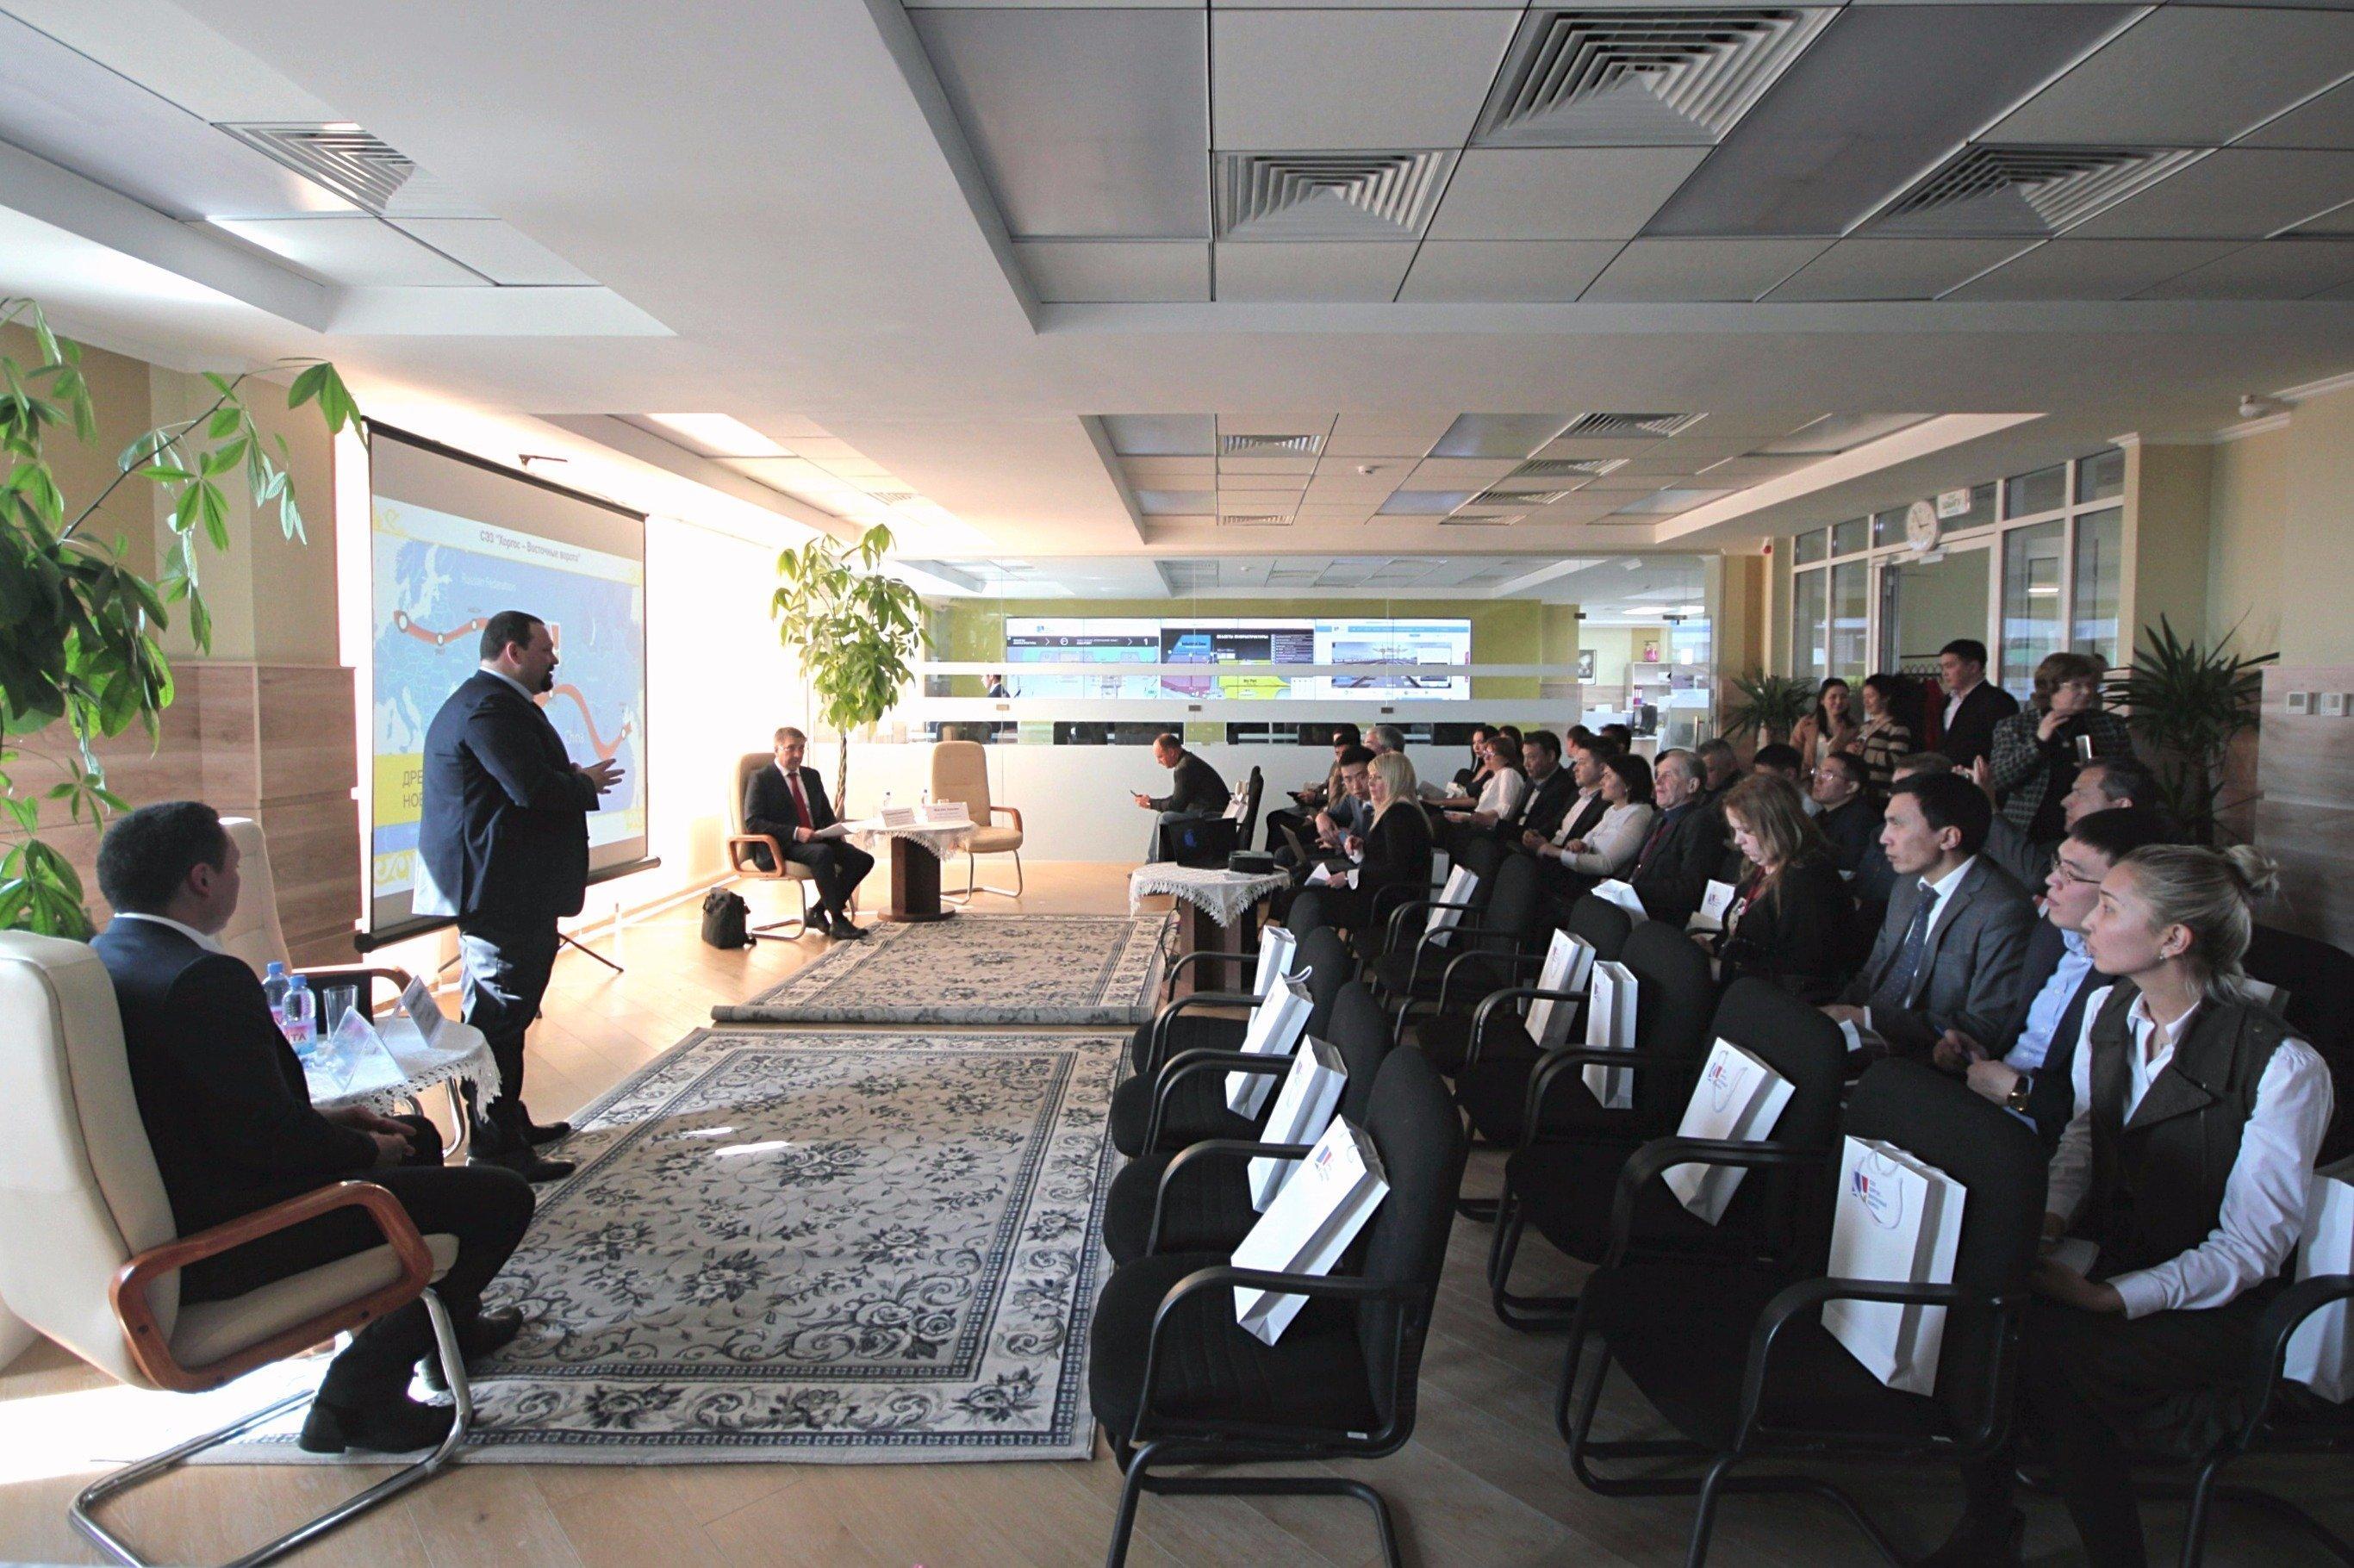 Презентация возможностей СЭЗ Хоргос - Восточные ворота бизнес-делегации Латвии